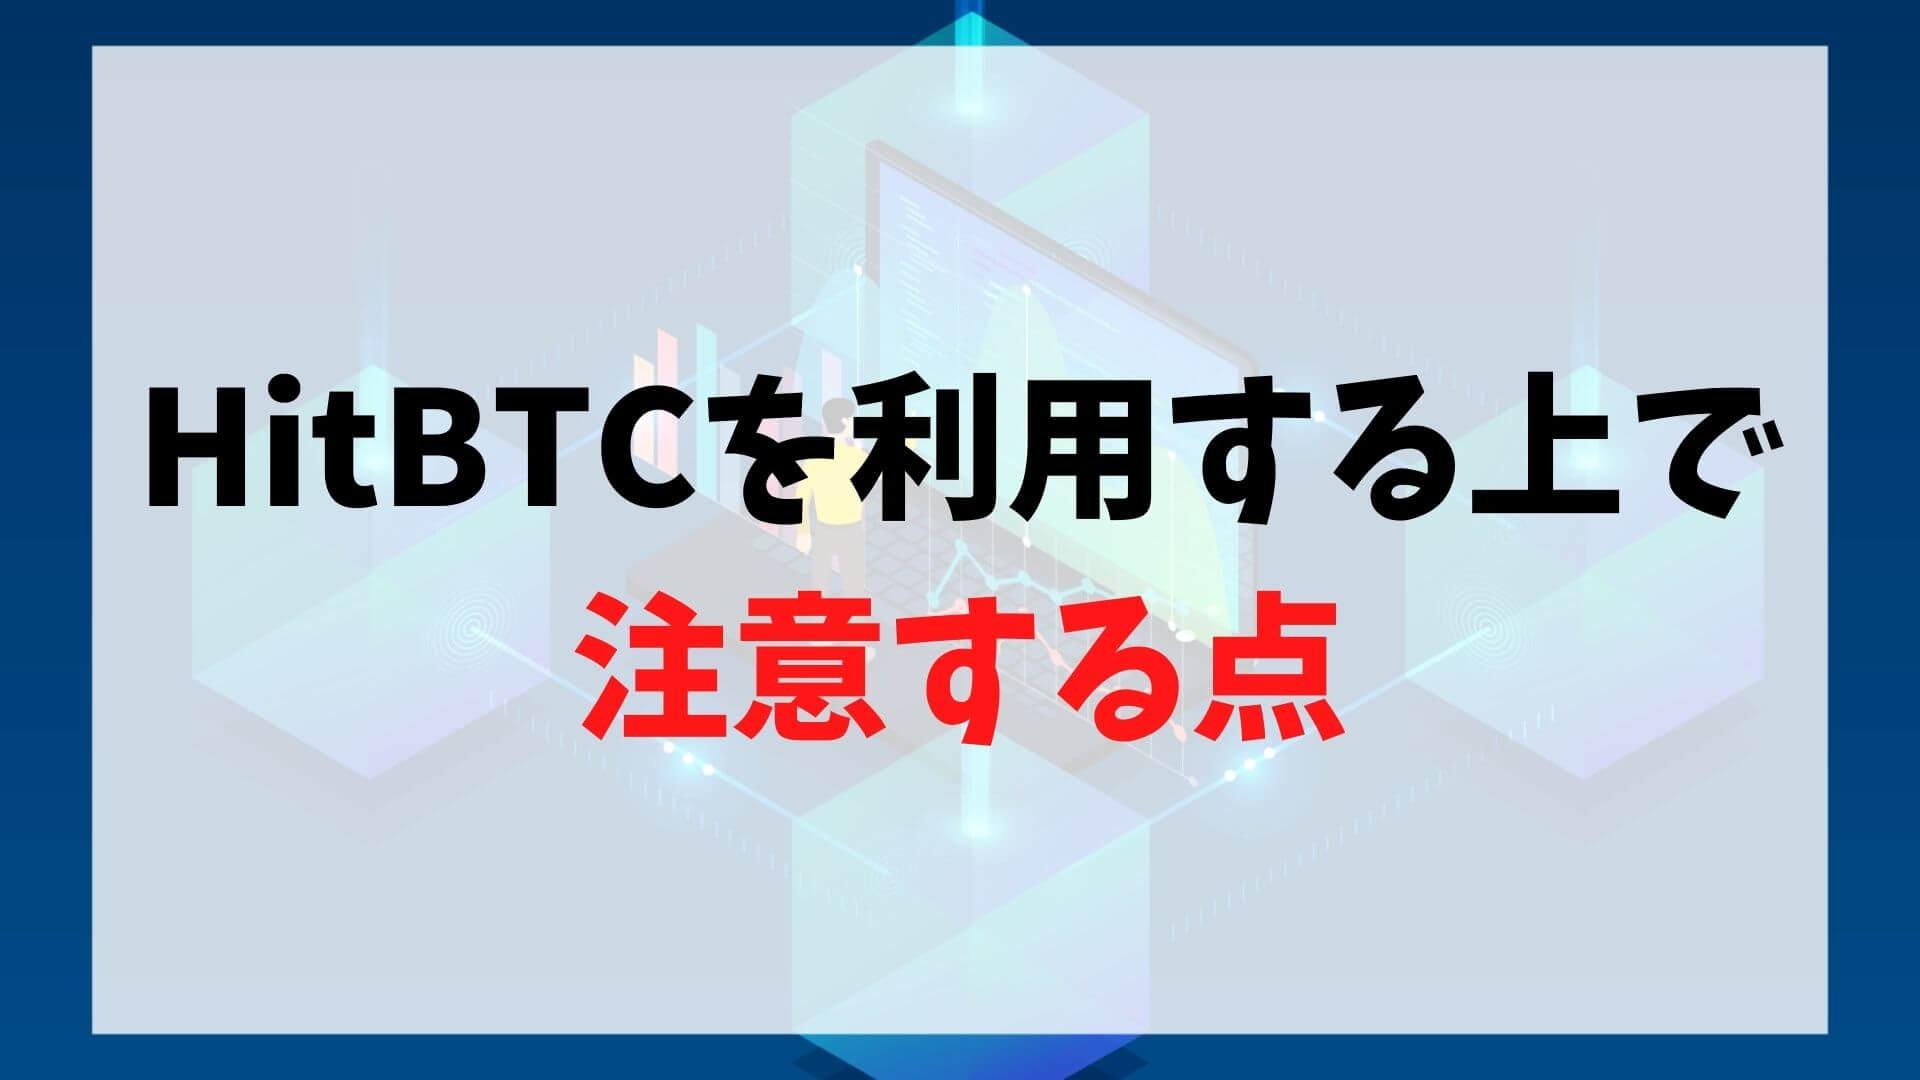 HitBTC(ヒットビ-ティーシー)のデメリット